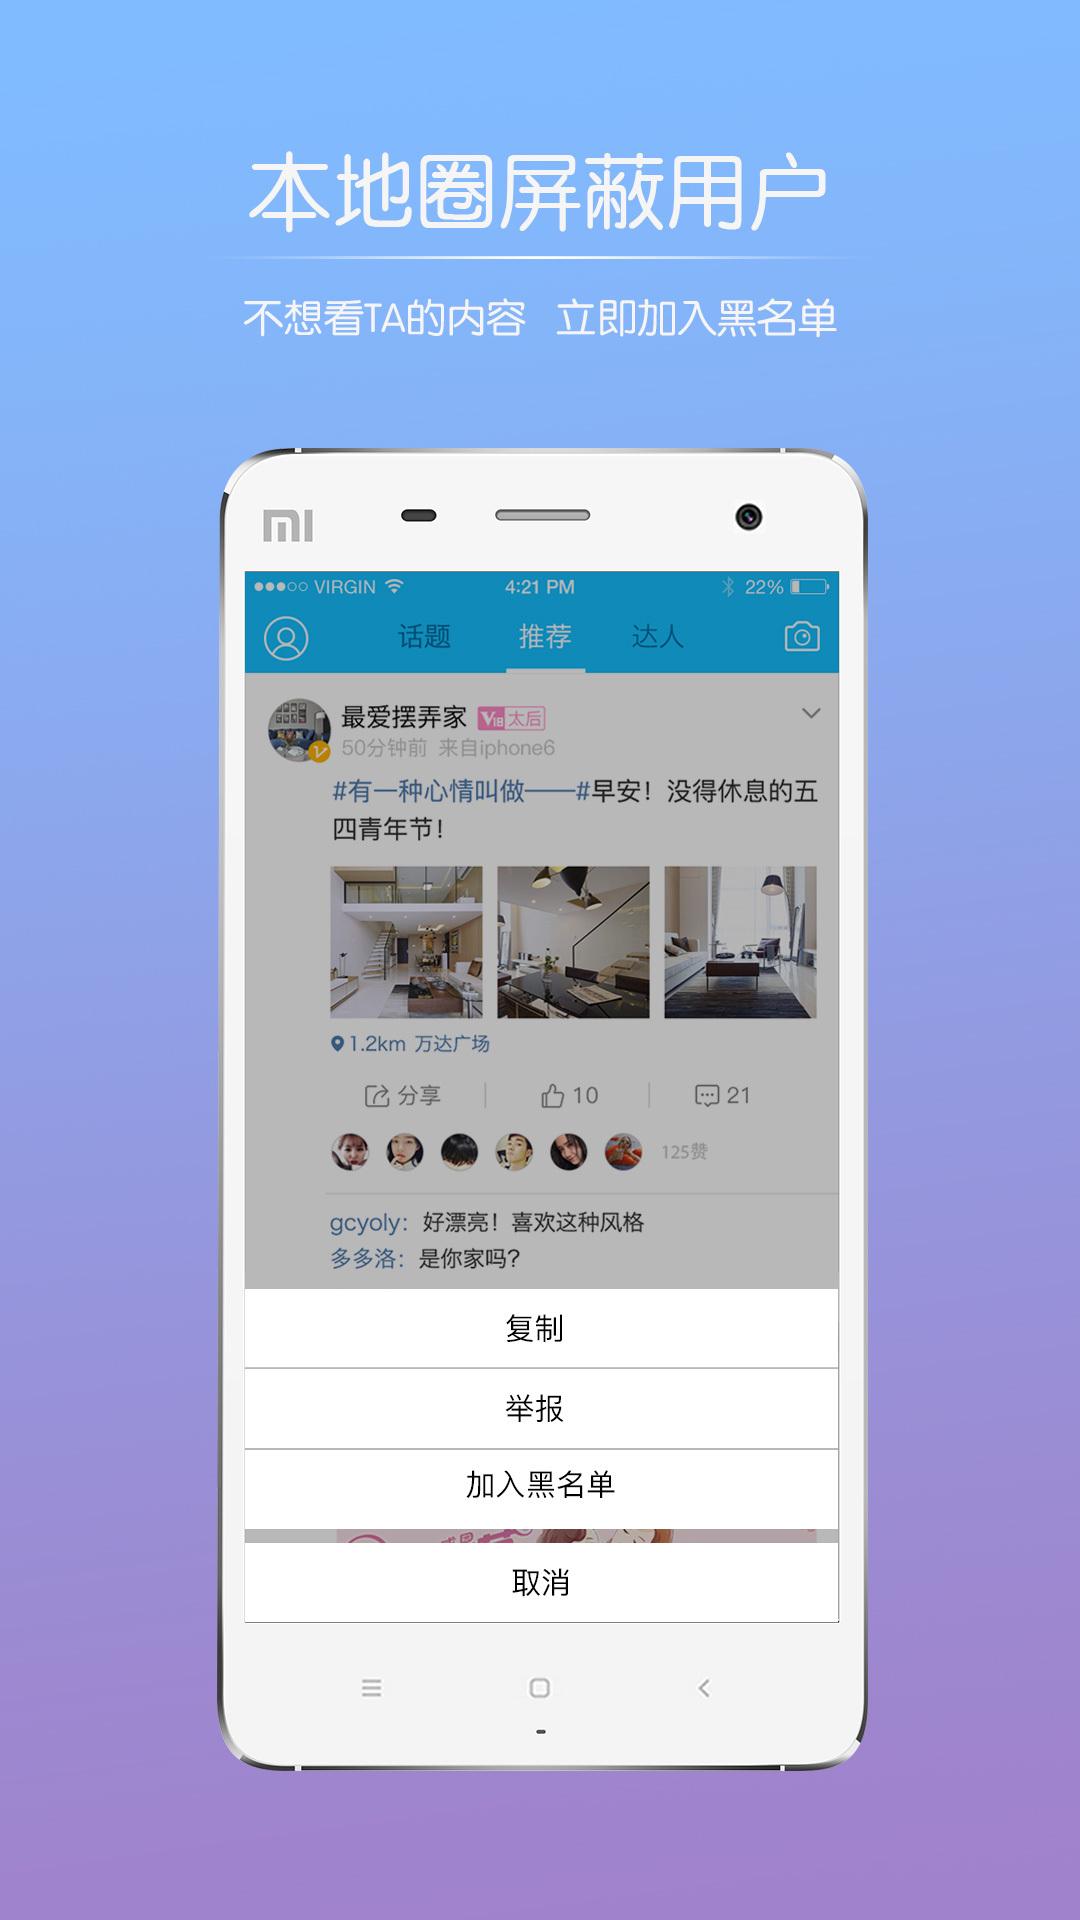 洪雅论坛app官方下载客户端图4: